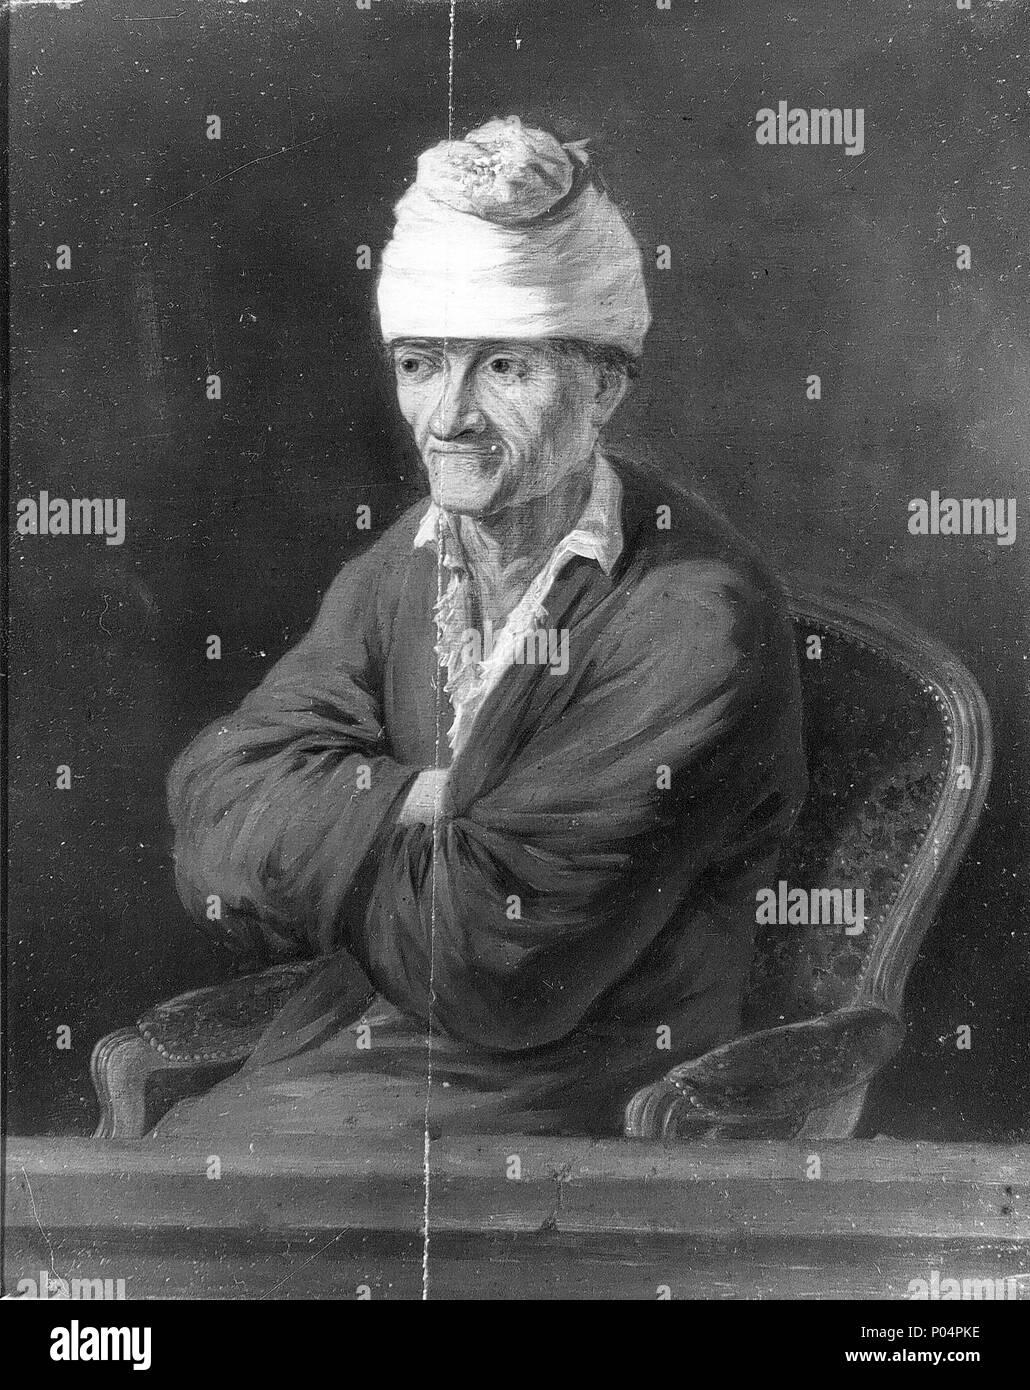 . English: Nicolas de Fassin, Portrait of Voltaire wearing a cotton night cap, ca 1770 (wherabouts unknown)  . 7 June 2004, 12:06:35. Nicolas Henri Joseph de Fassin (1728-1811) 17 Nicolas de Fassin, Portrait de Voltaire en bonnet de coton, ca 1770 - Stock Image